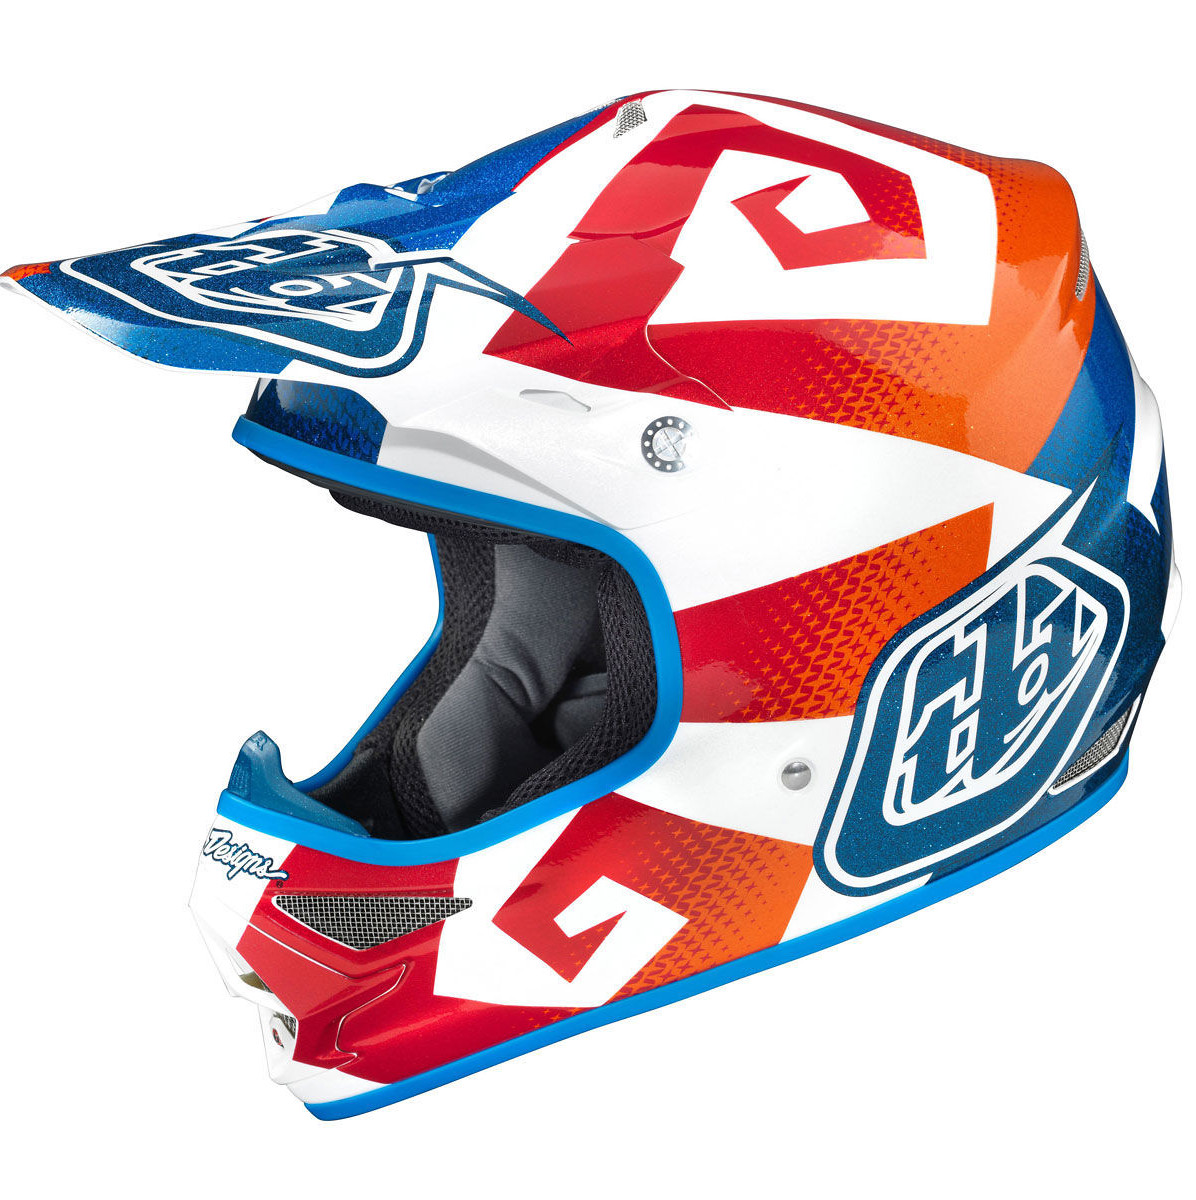 Troylee Ktm Dirt Bike Helmets